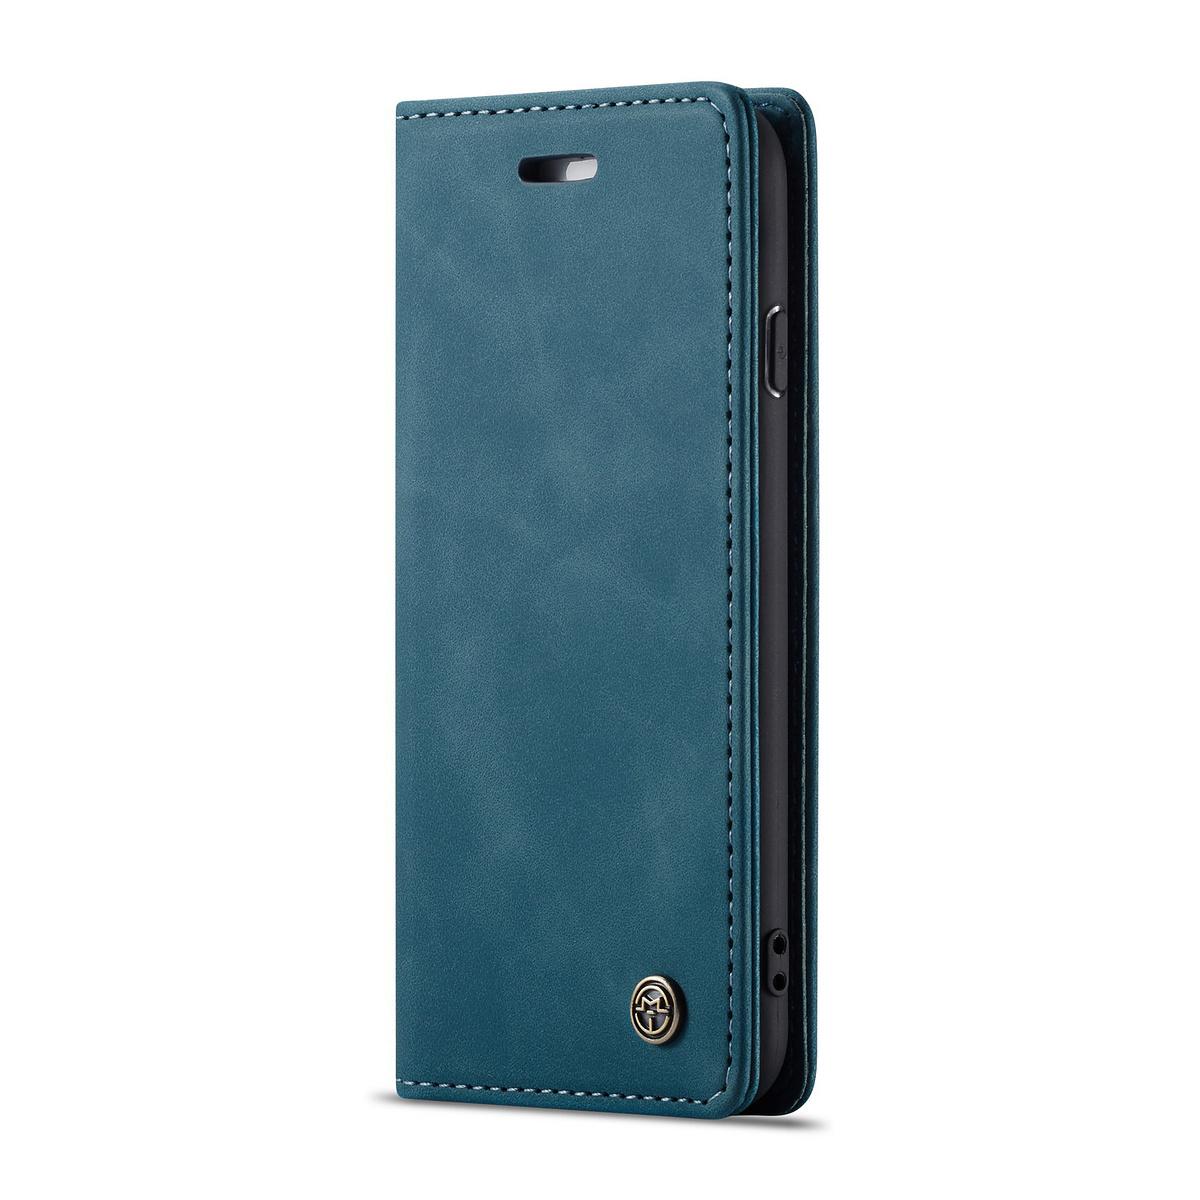 CaseMe plånboksfodral, iPhone 6/6S, blå